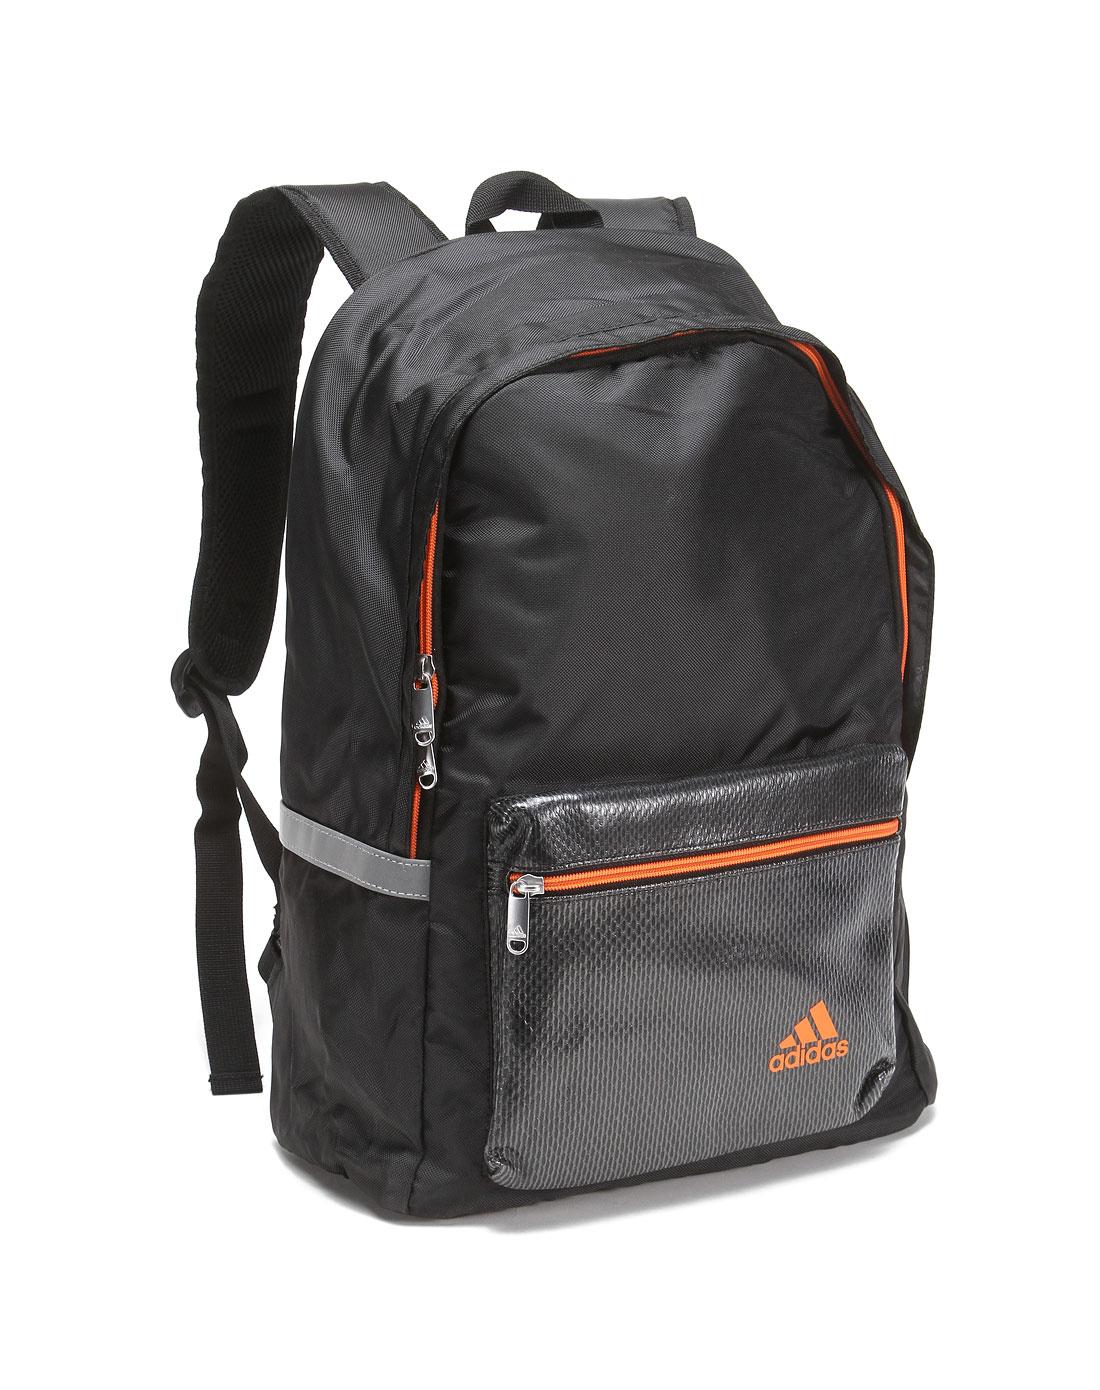 中性黑/橙双肩背包图片